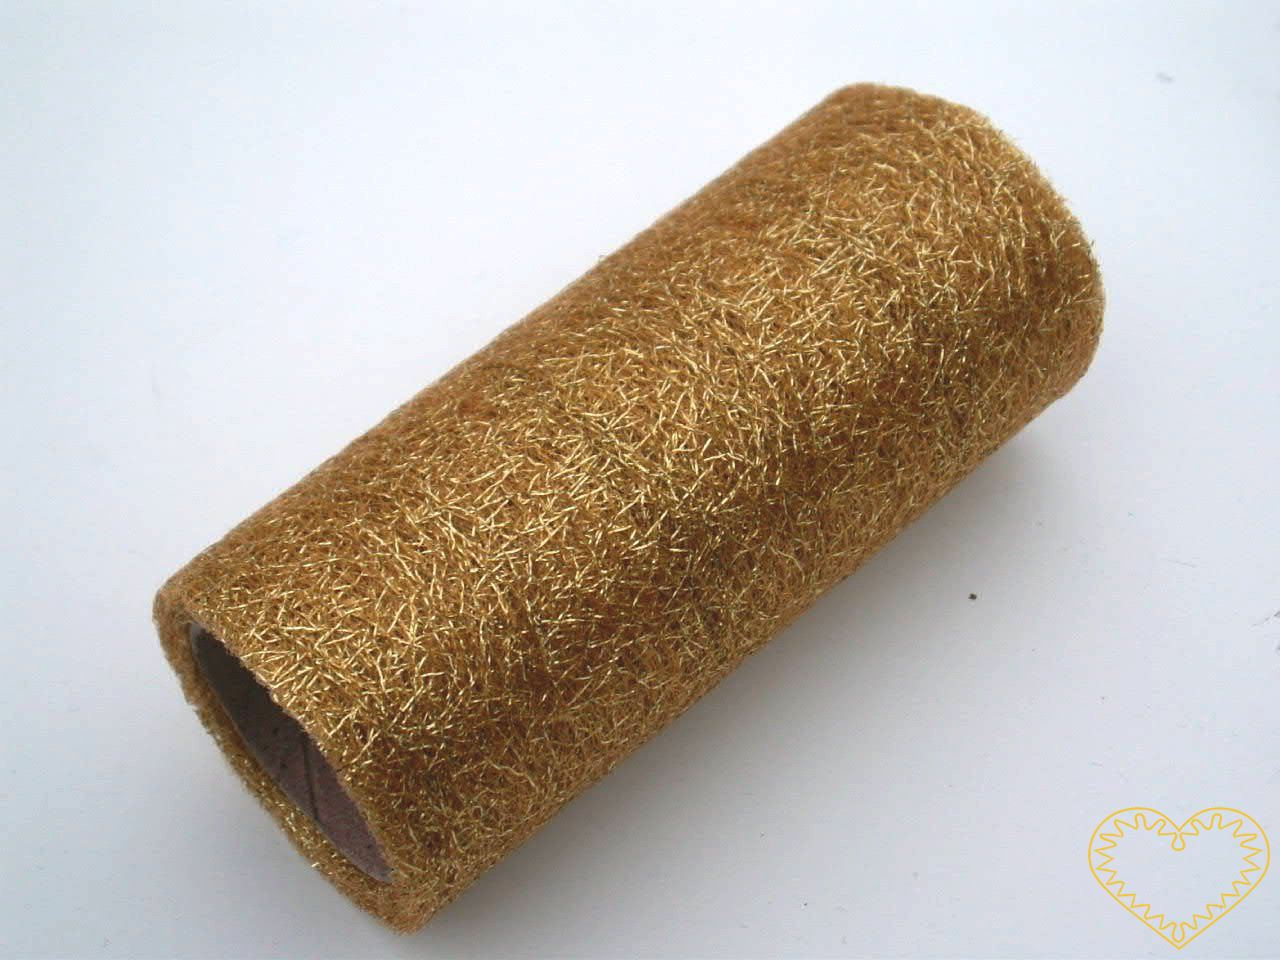 Zlatá pavučina - spider organza - šíře 12 cm, délka 4,57 m. Dekorační textilie je jemná látka, která vypadá jako pavučina. Díky svému lesku působí velmi slavnostně a elegantně. Velkou výhodou je, že se netřepí a snadno stříhá. Lze použít i na dekorac